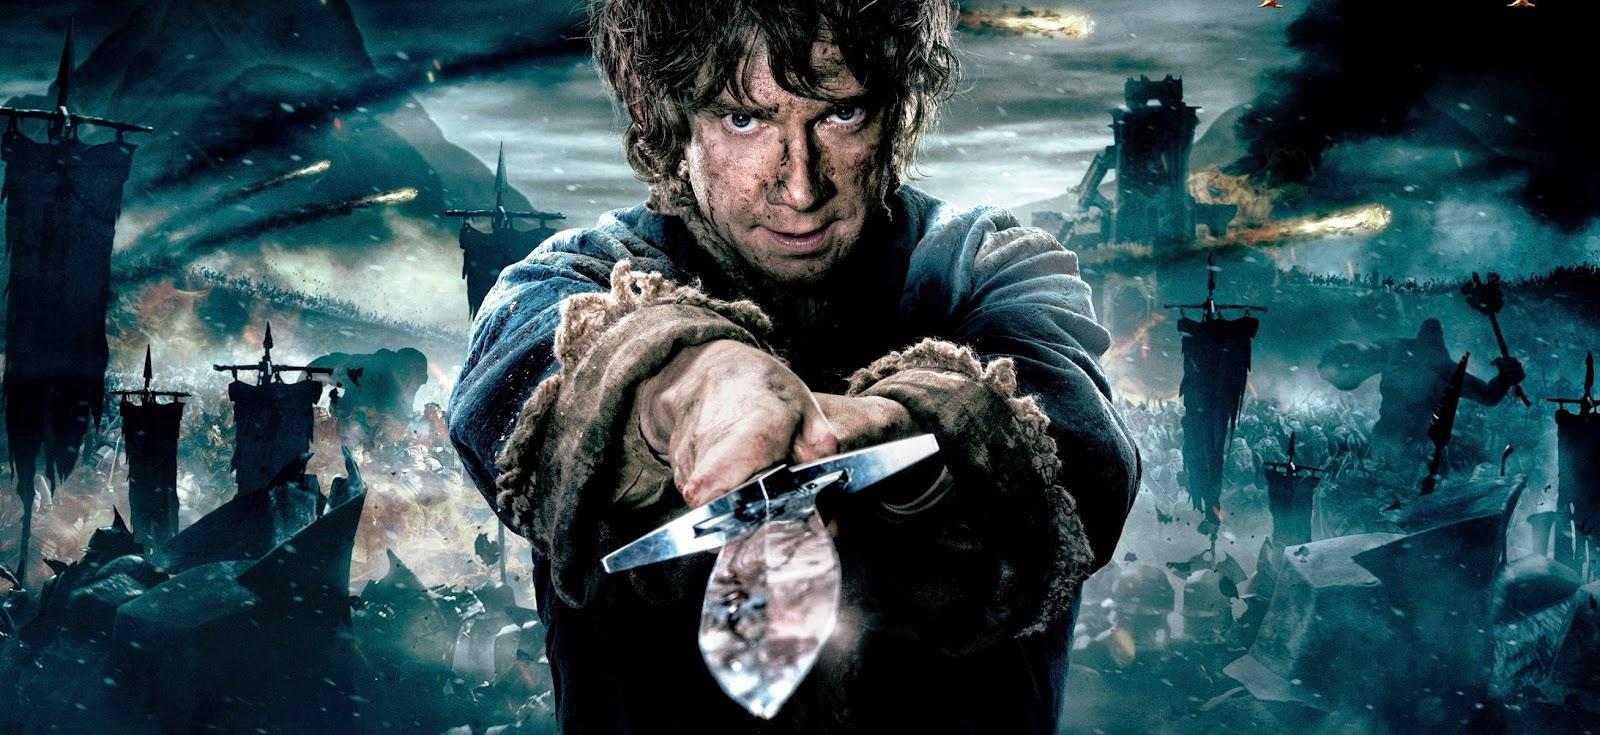 O Hobbit: A Batalha dos Cinco Exércitos registra a maior abertura do ano da Warner Bros Pictures no Brasil